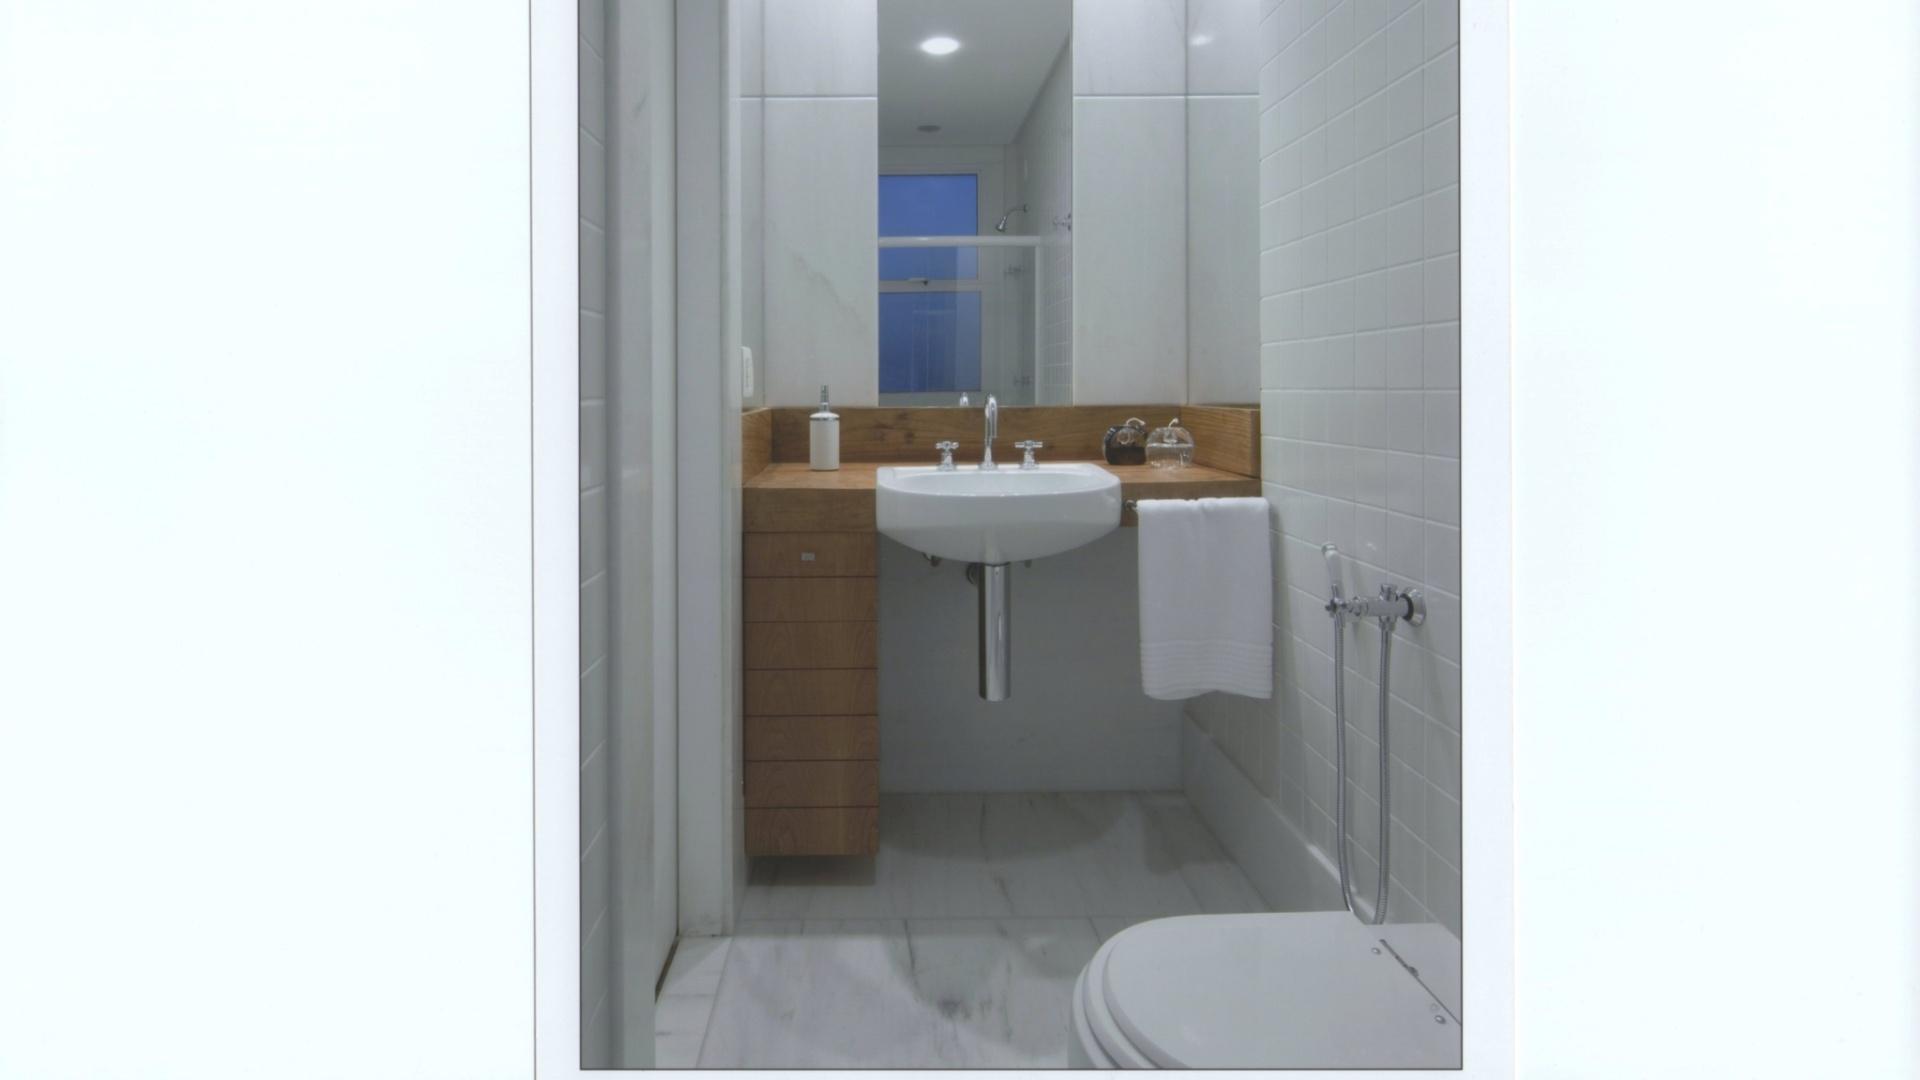 Como o banheiro seria usado apenas por hóspedes o projeto assinado  #2D889E 1920x1080 Banheiro Bancada Porcelanato